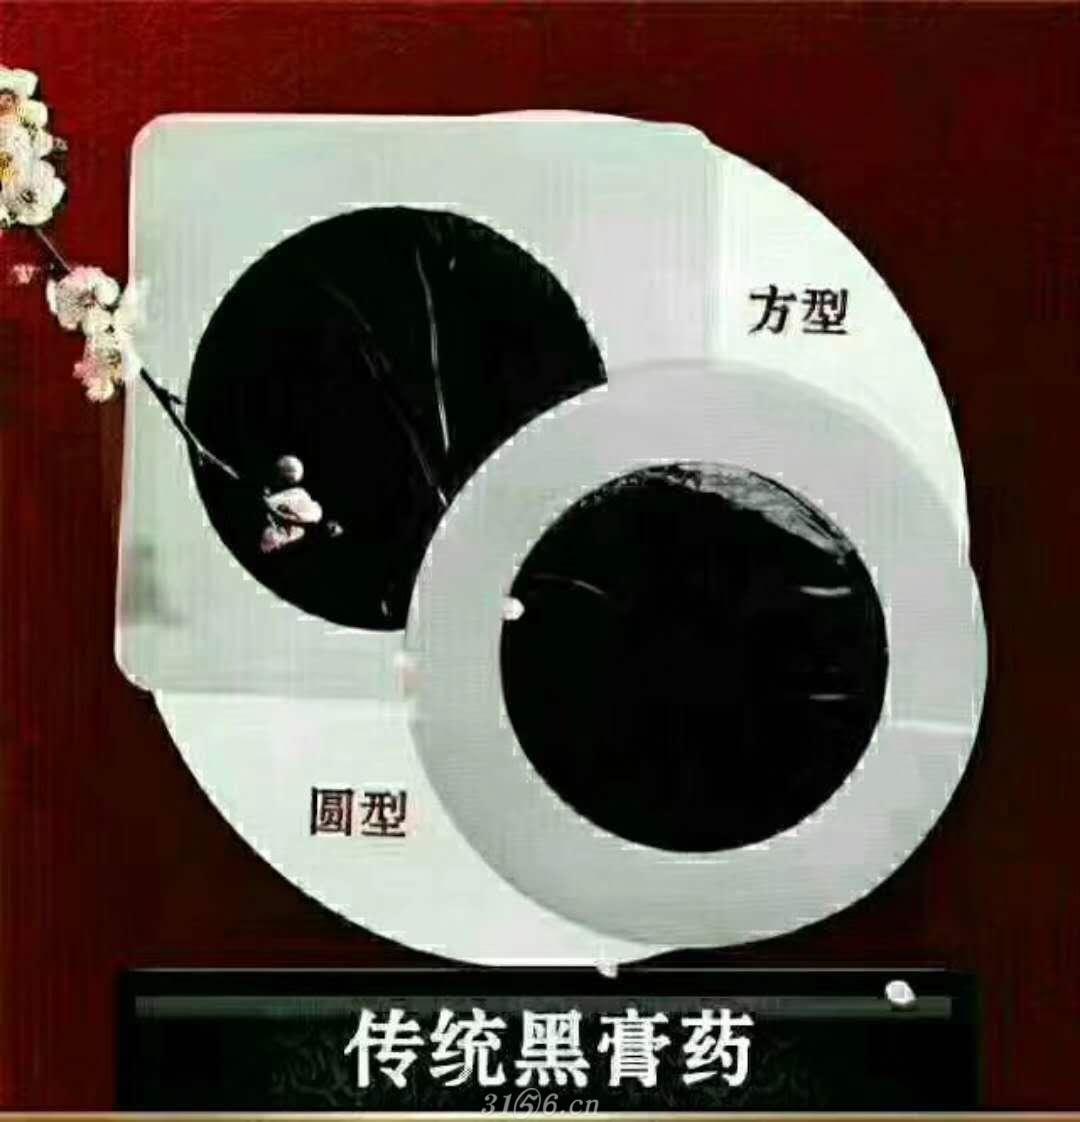 传统黑膏药生产厂家 黑膏药巴布贴OEM贴牌